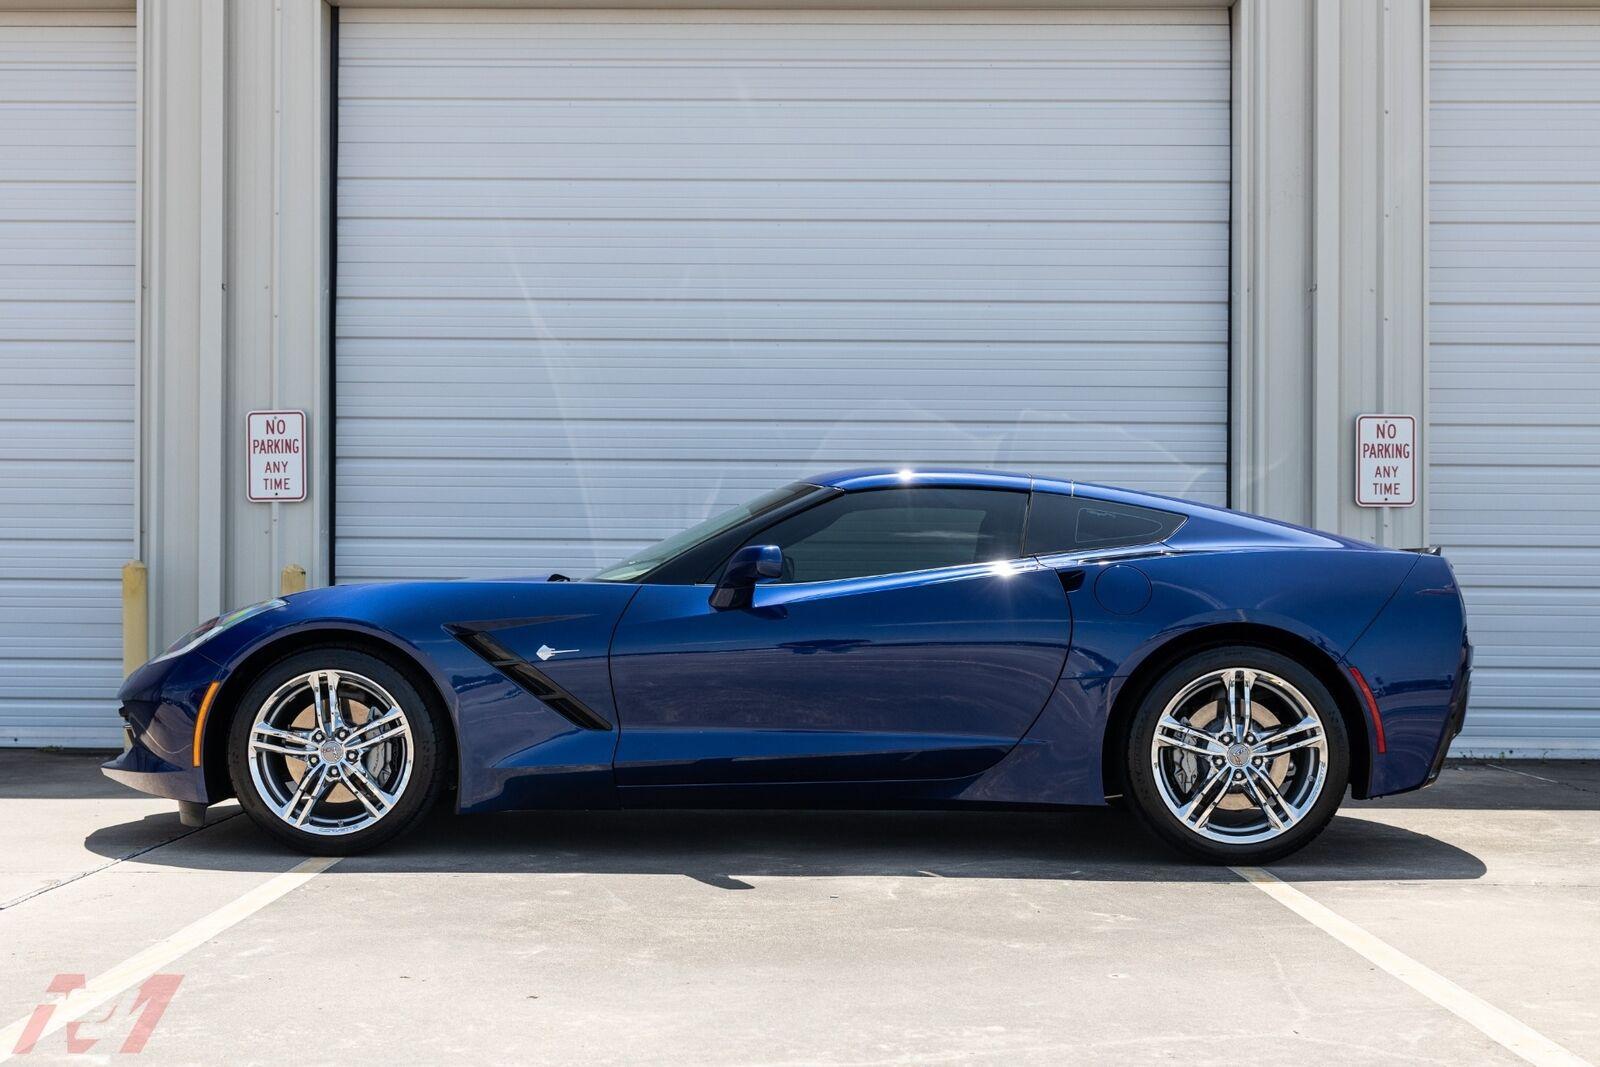 2017 Blue Chevrolet Corvette  2LT | C7 Corvette Photo 9